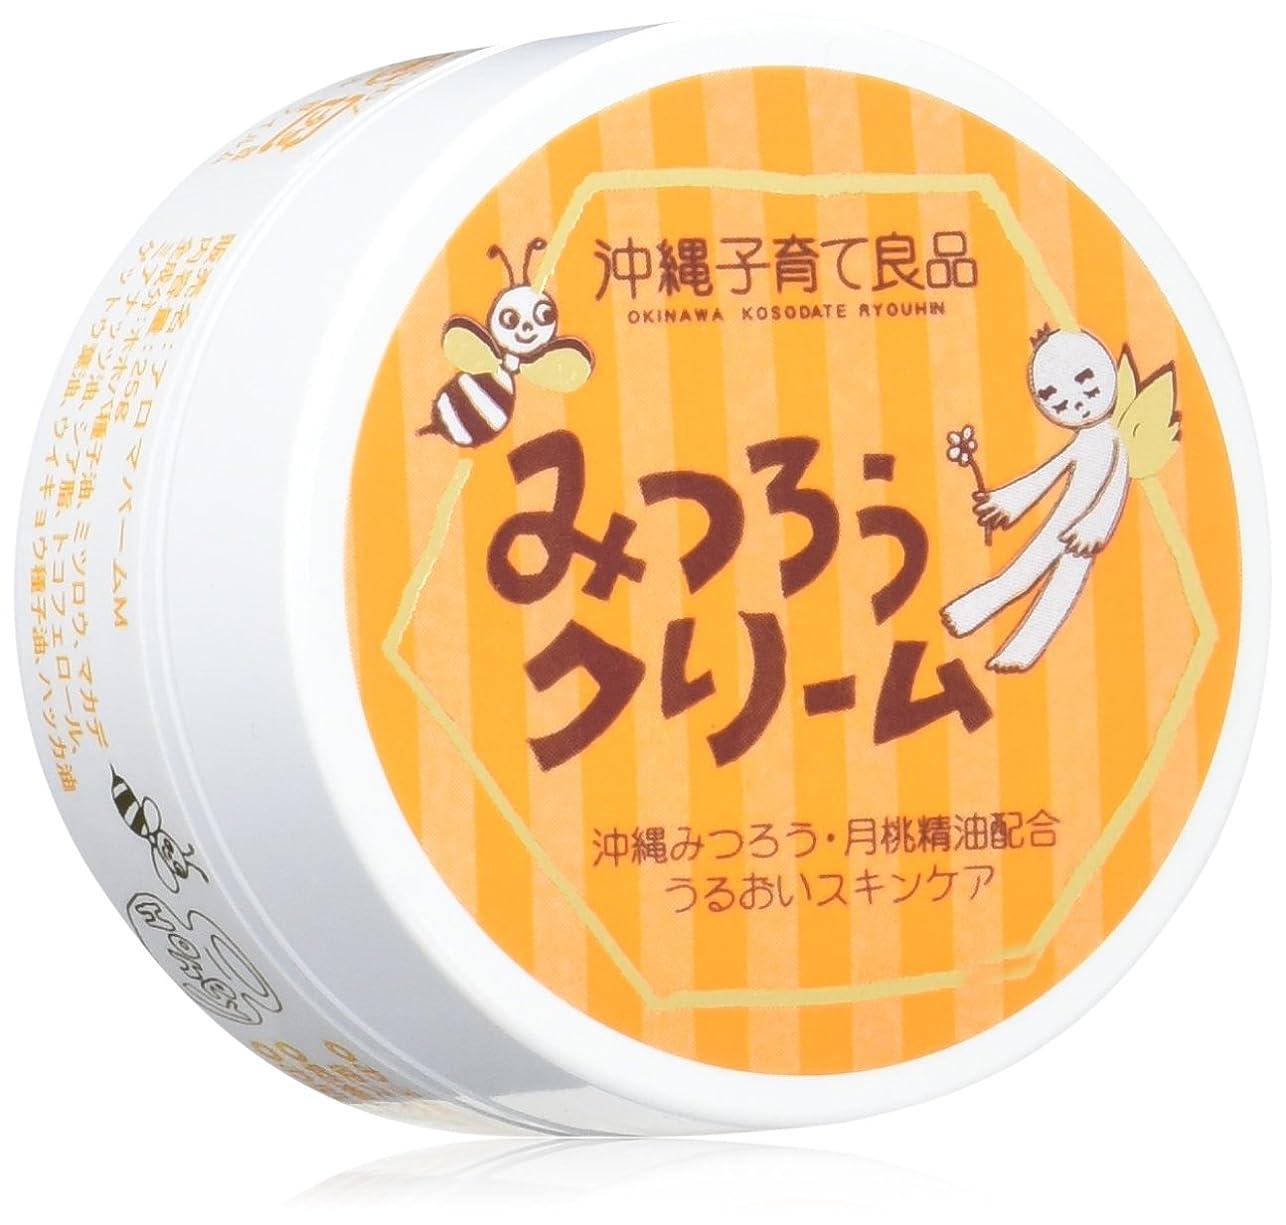 イサカハドル葉を集める沖縄子育て良品 みつろうクリーム (25g)